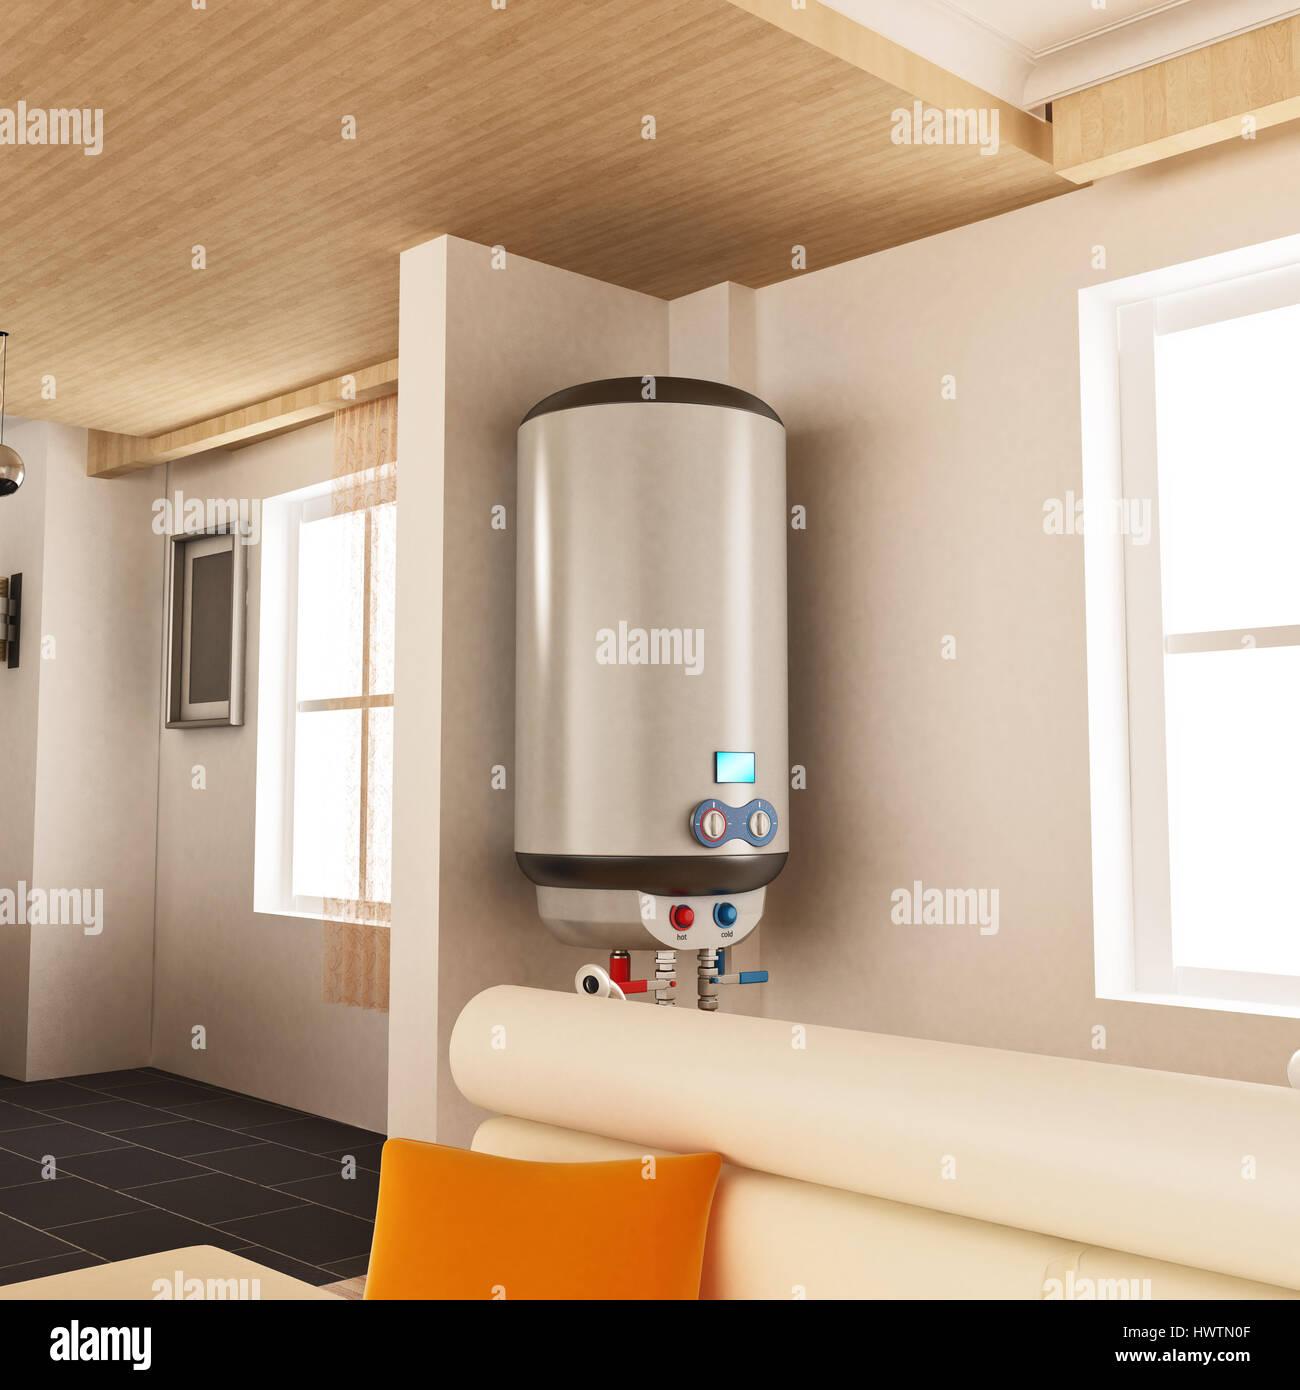 Wasser Heizung An Der Wand Hangen 3d Illustration Stockfoto Bild